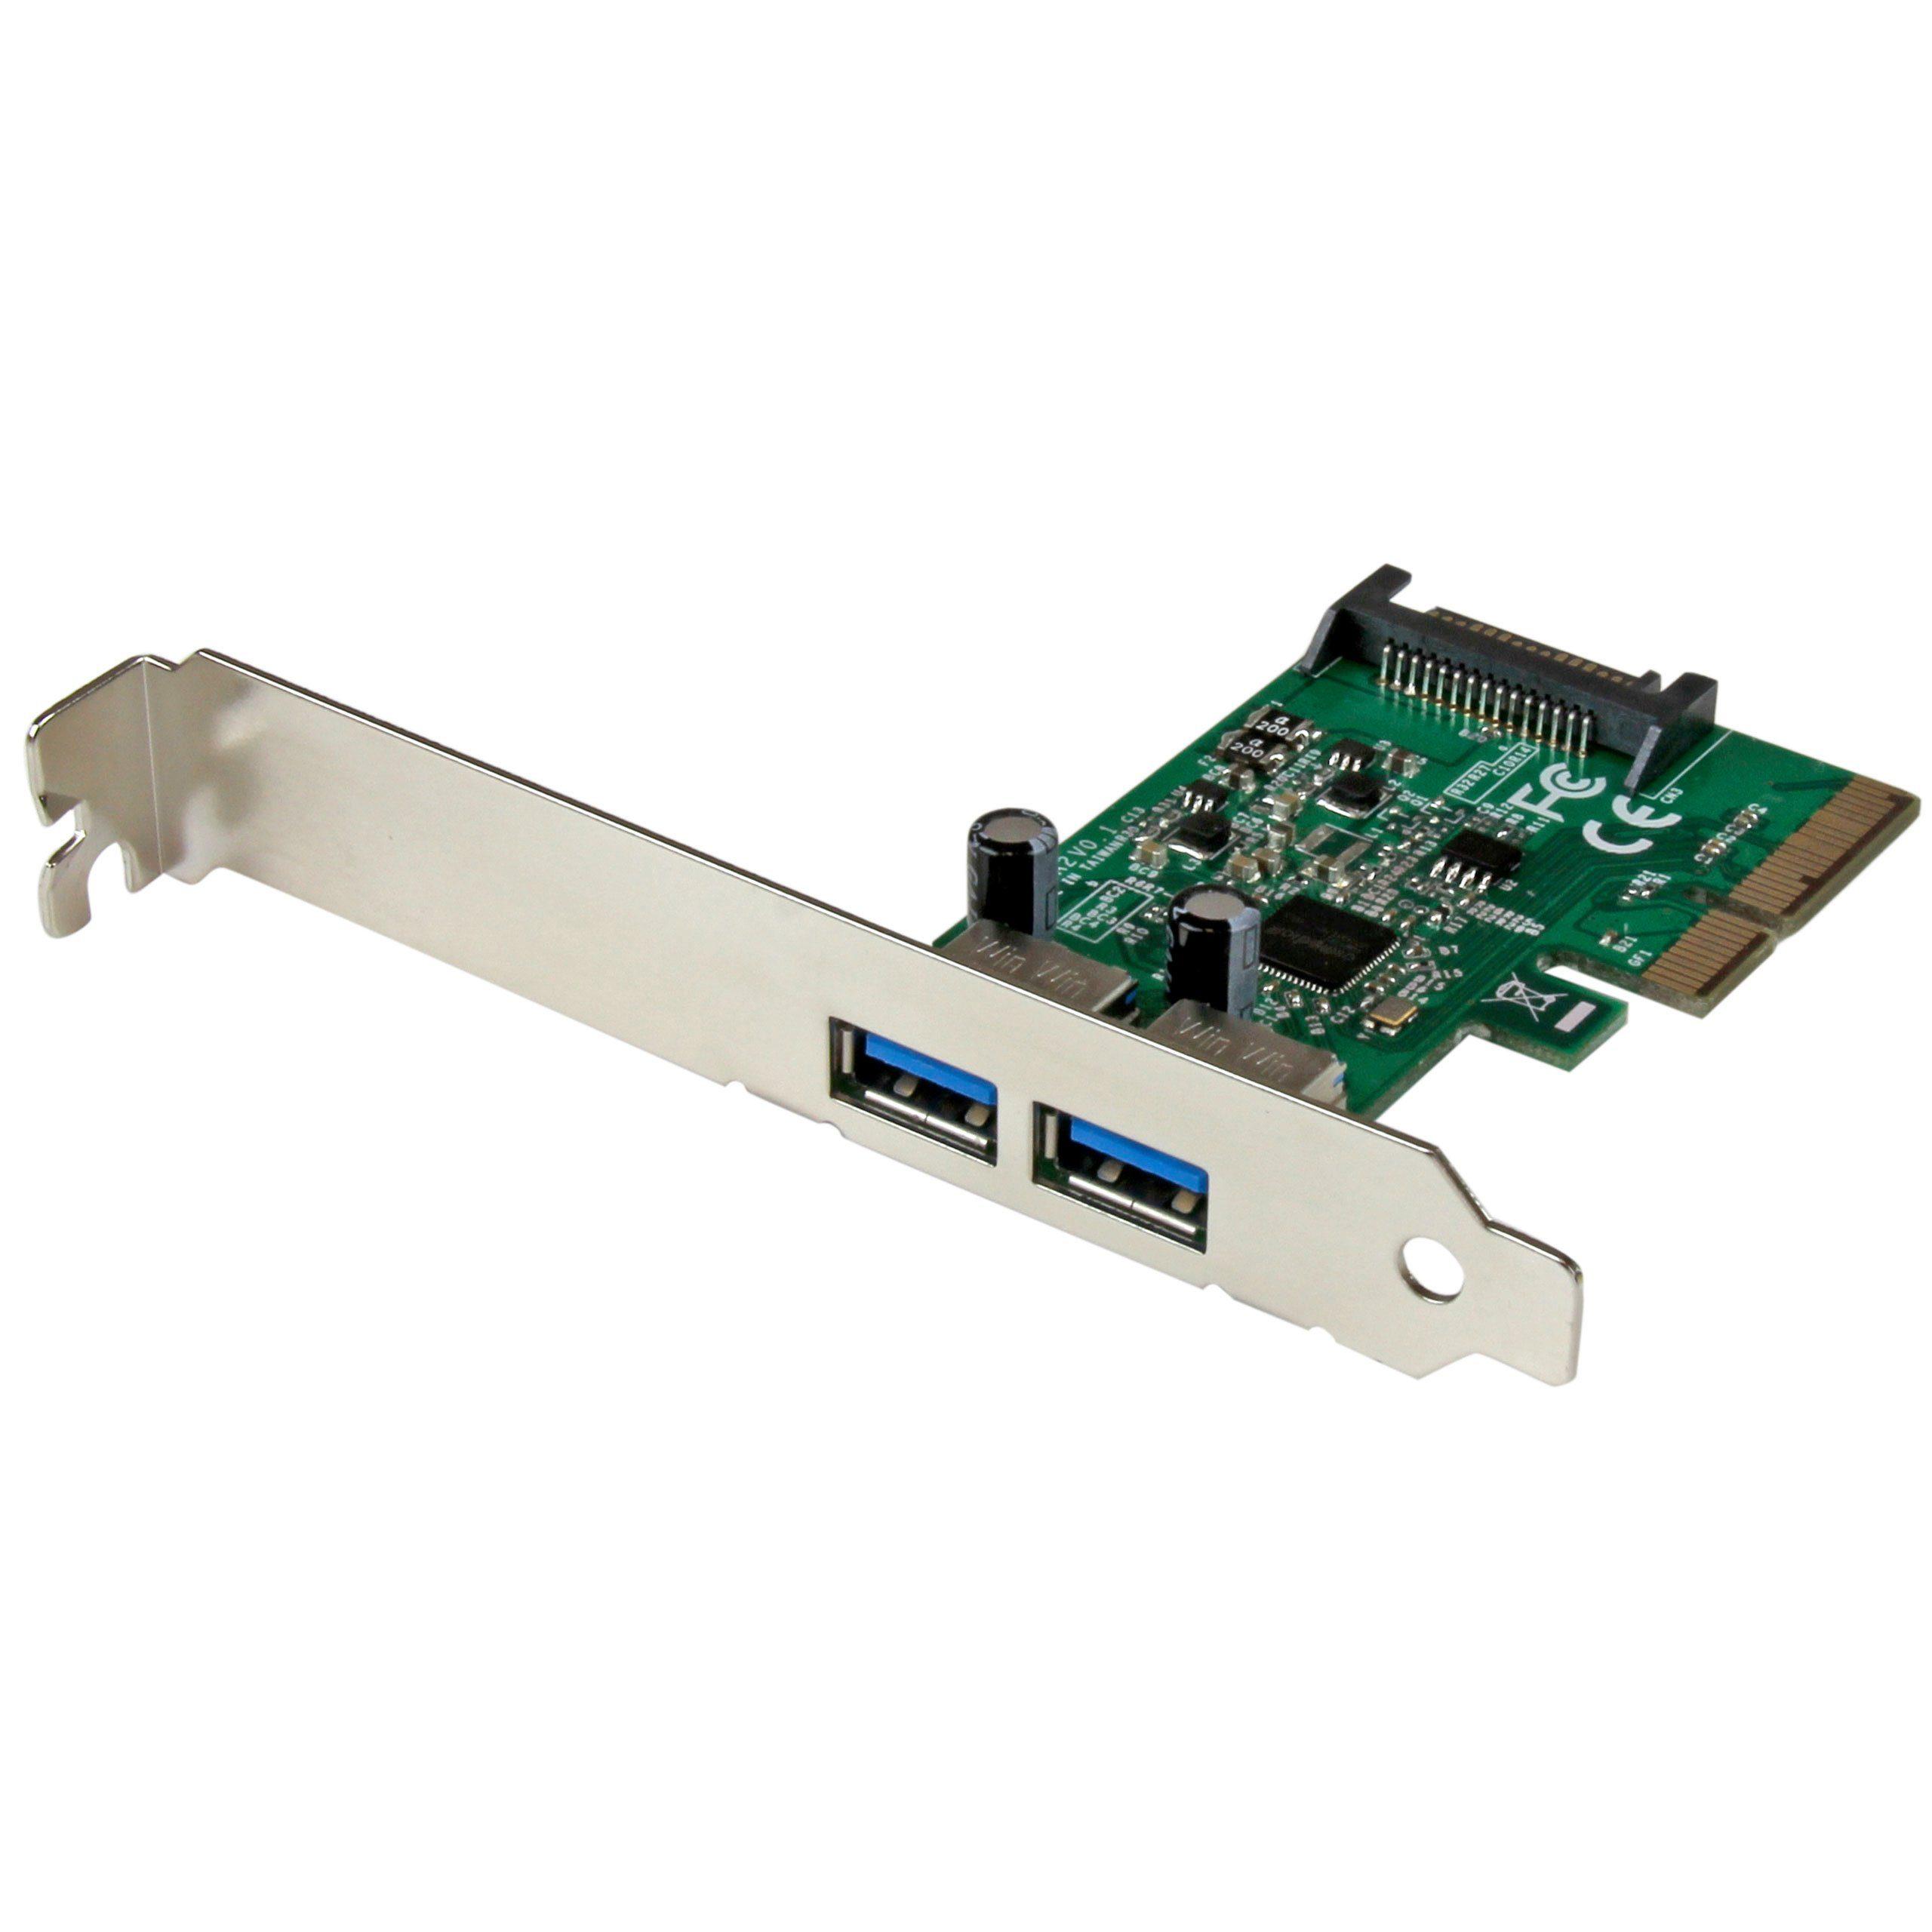 StarTech.com USB »2 Port USB 3.1 Gen 2 (10Gbit/s) Karte«